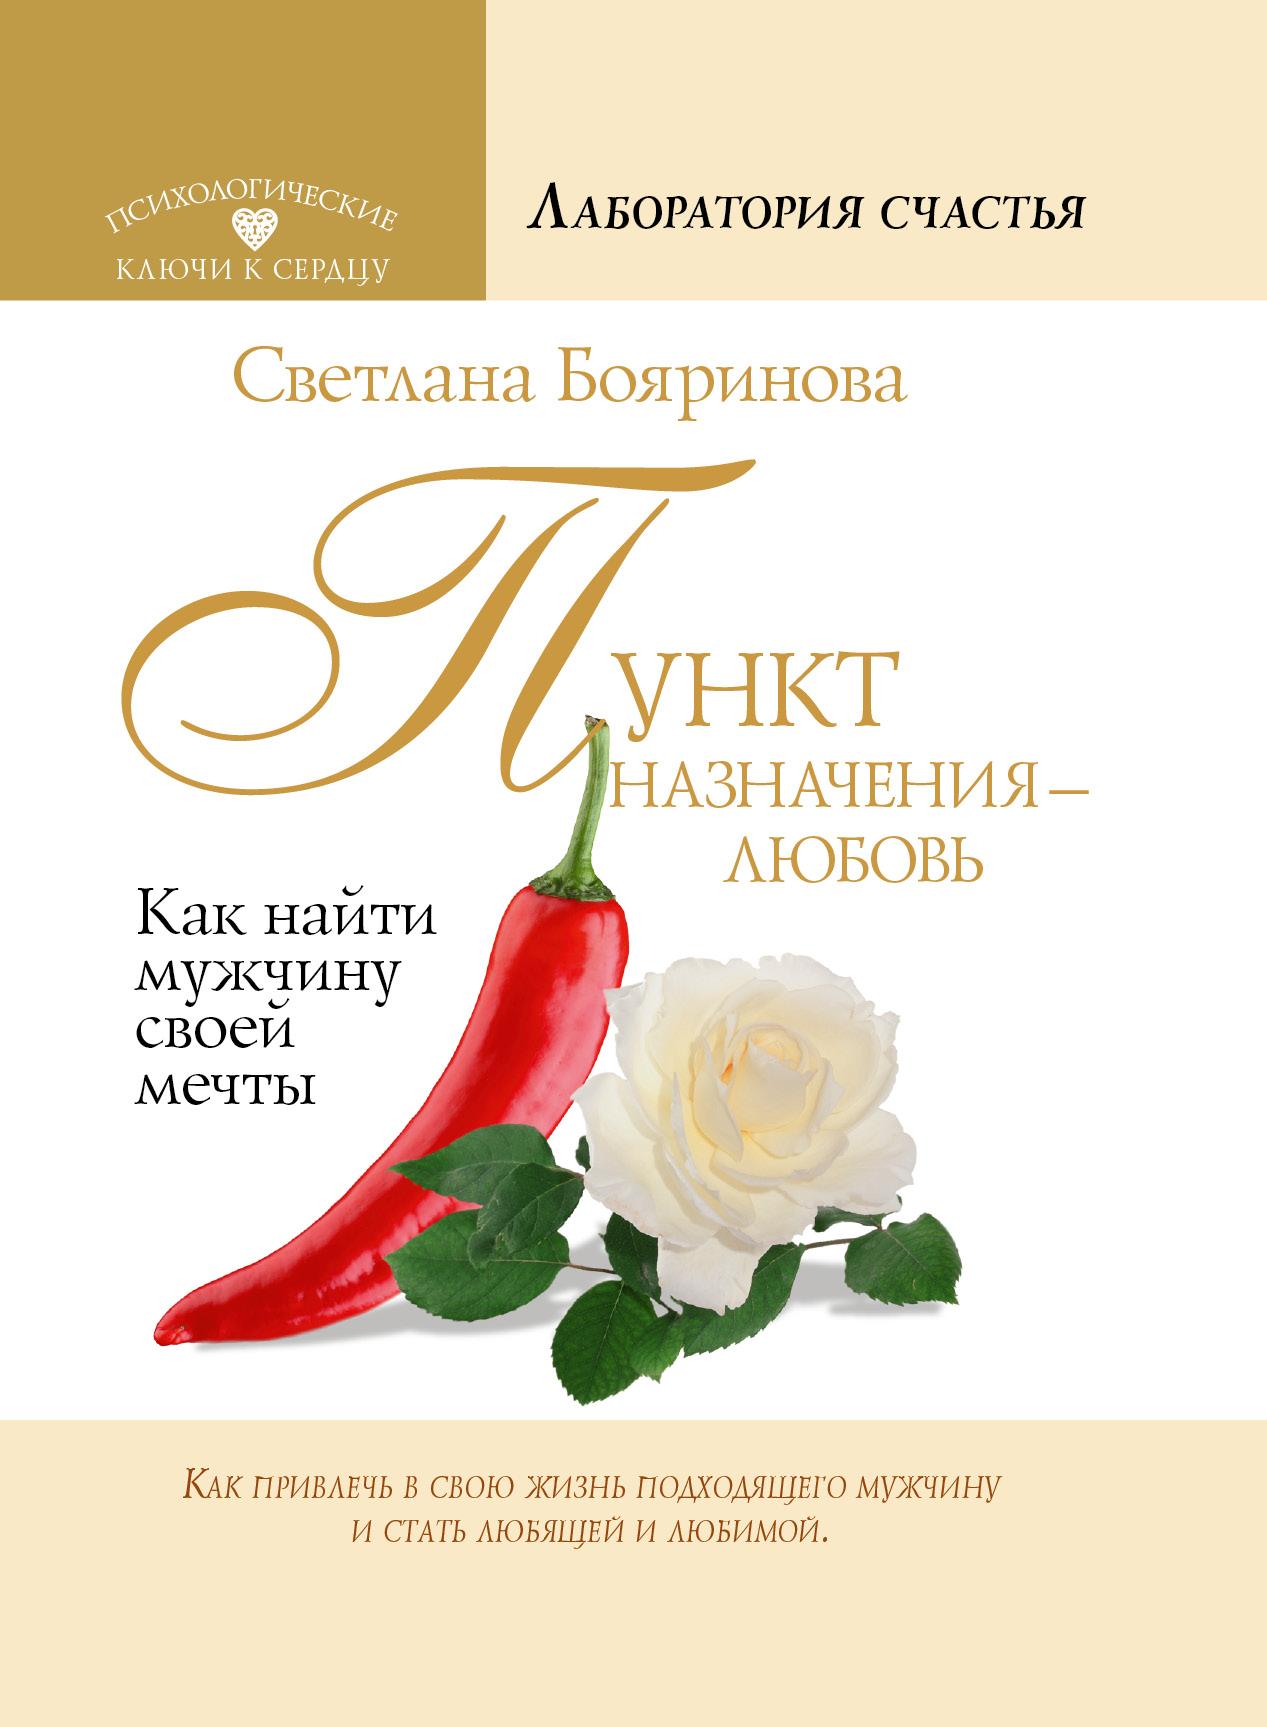 Бояринова С. Пункт назначения - любовь. Как найти мужчину своей мечты